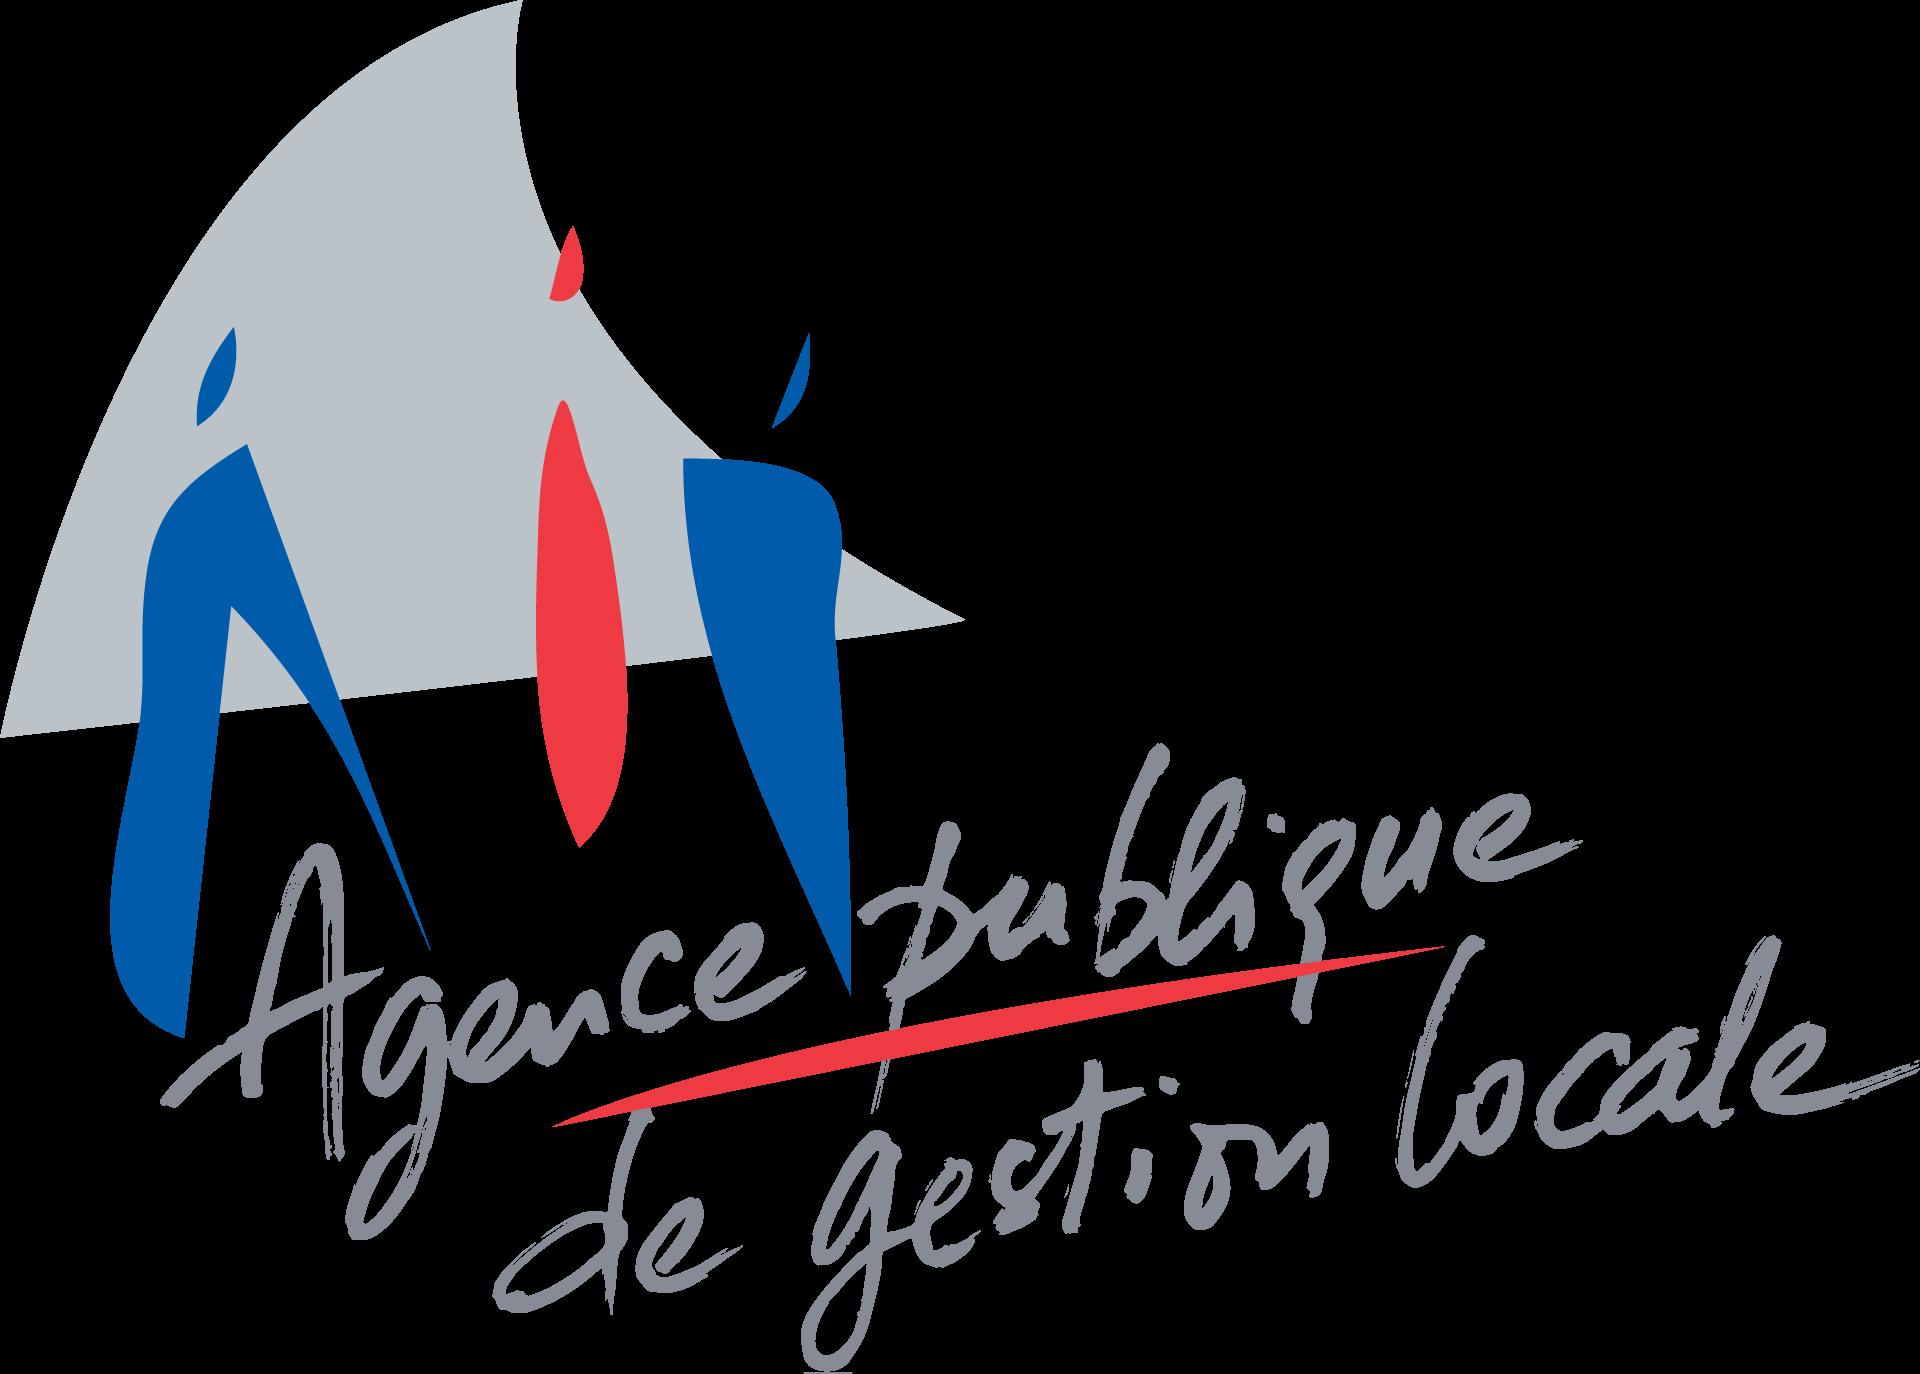 Base Adresse Locale de l'Agence Publique de Gestion Locale-logo